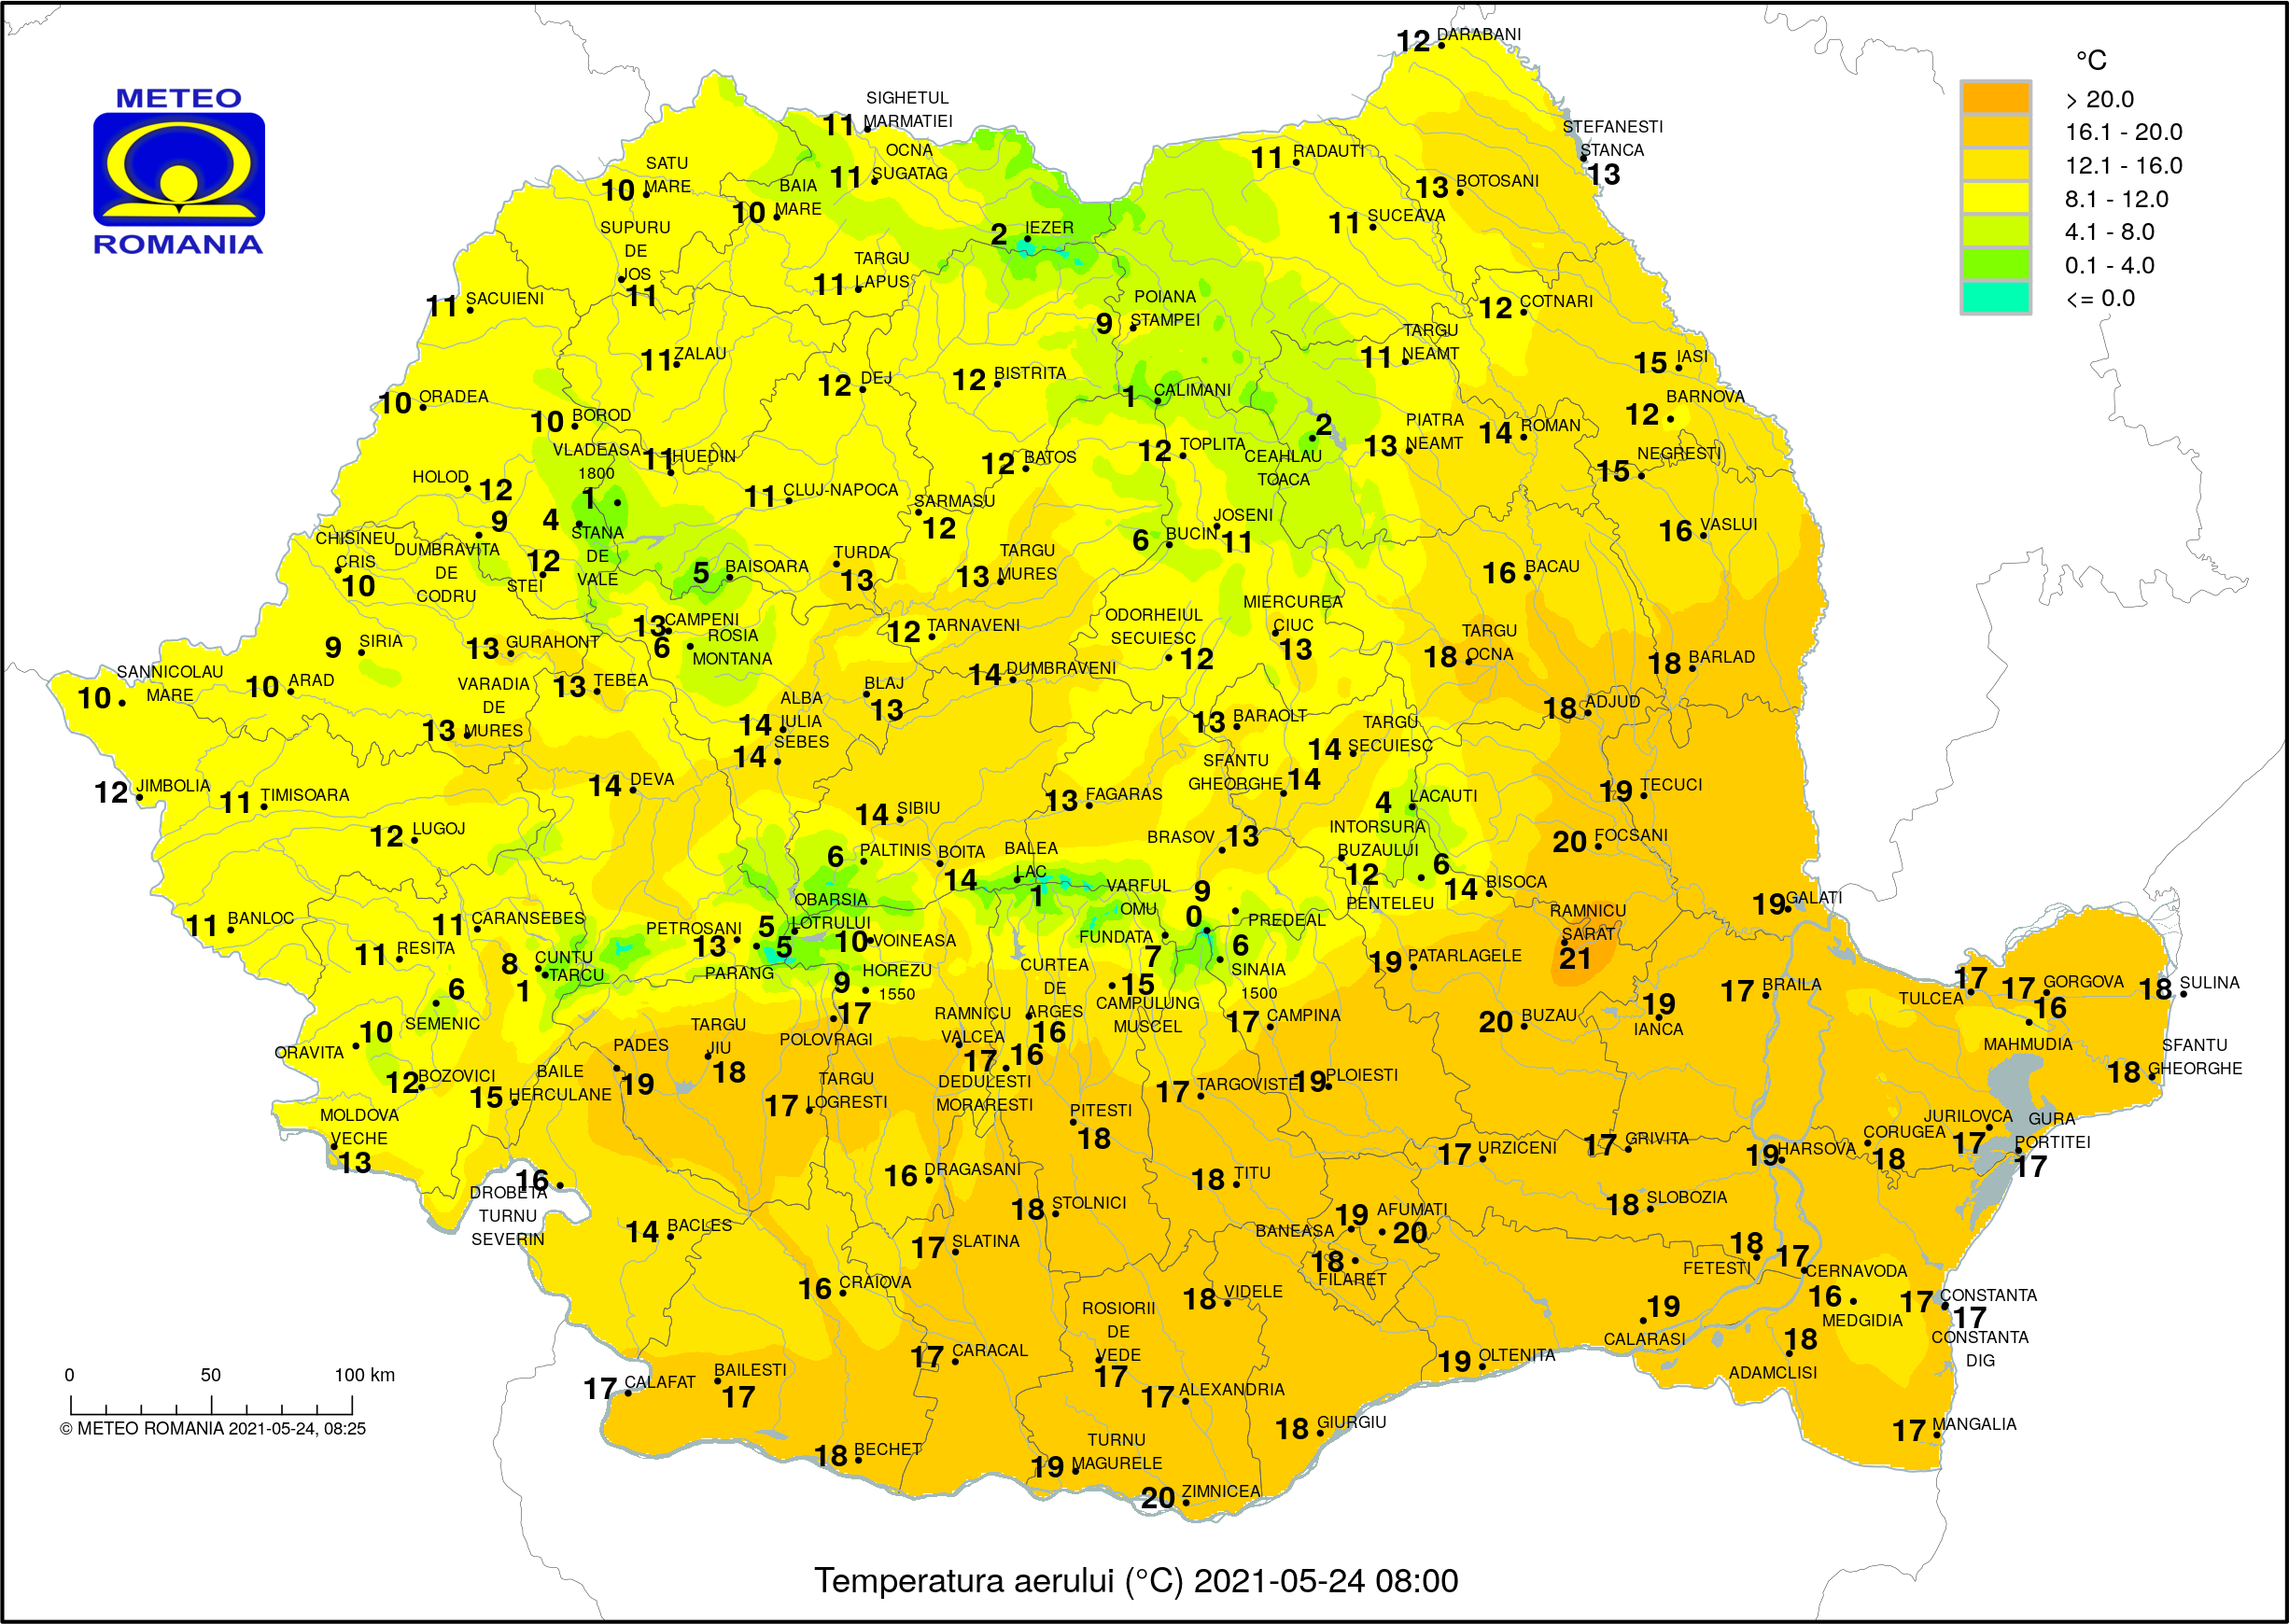 Vreme frumoasă de vară, dar vin furtuni și ploi puternice în aproape toată țara. Prognoza pe regiuni